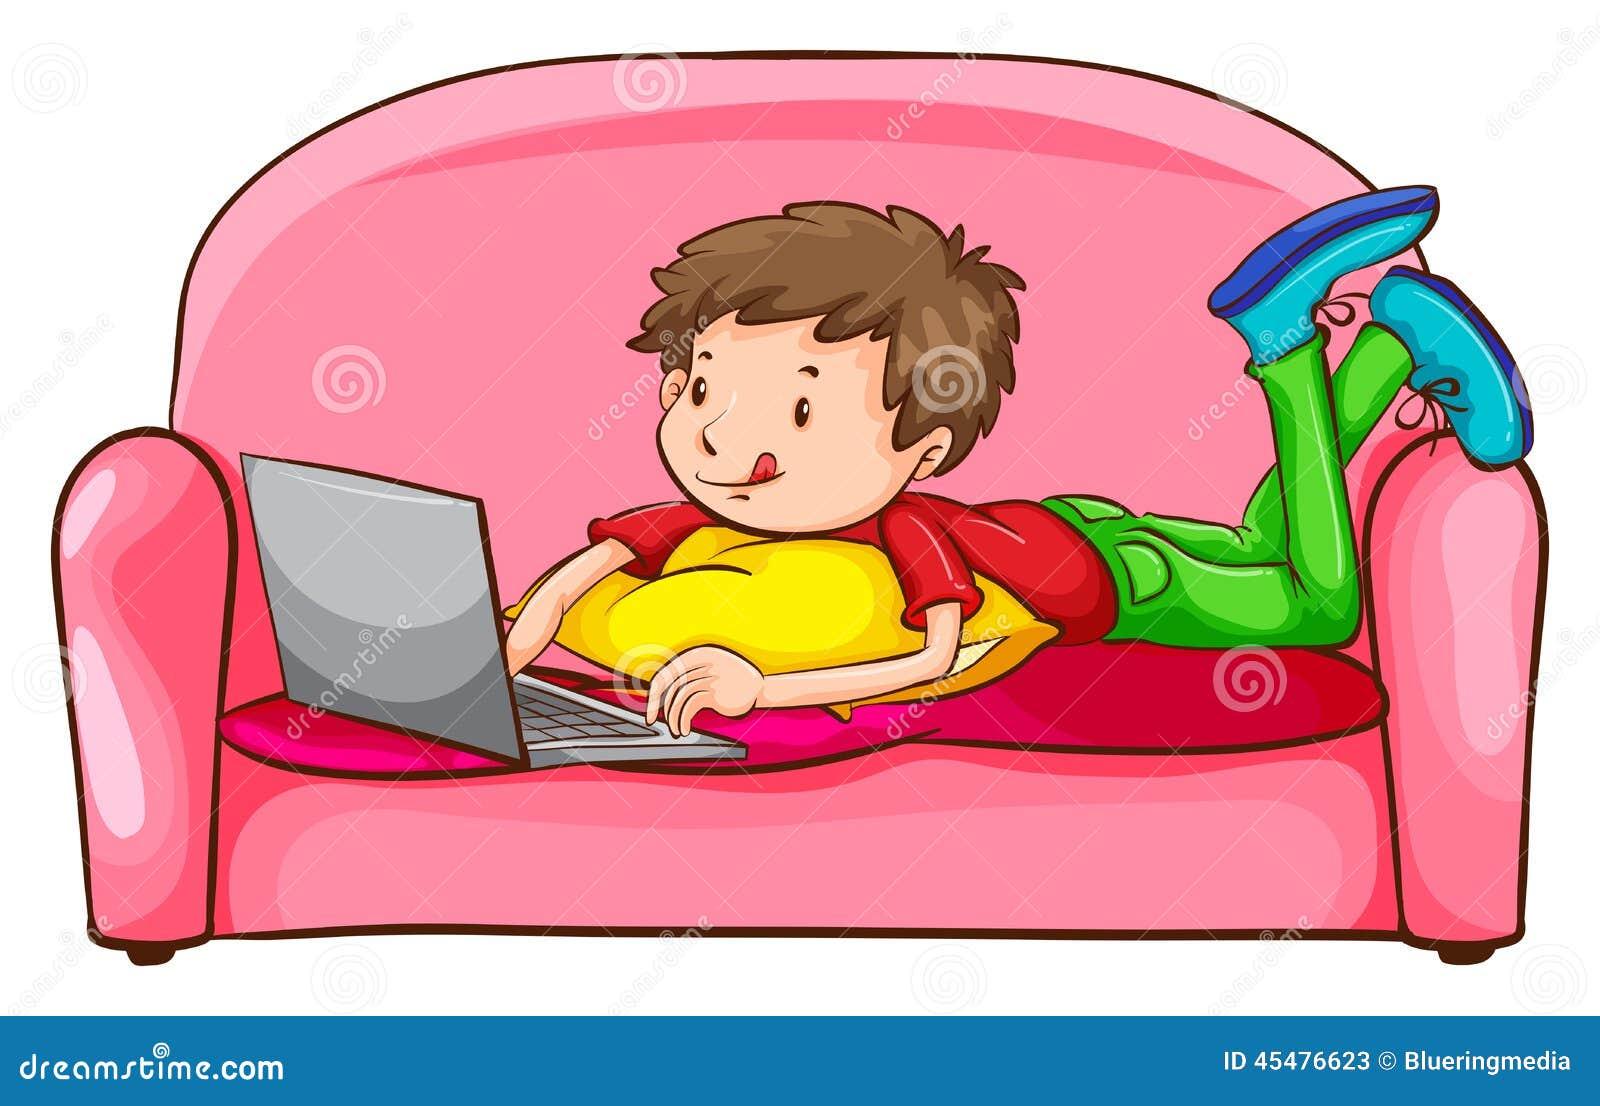 使用膝上型计算机的男孩在沙发